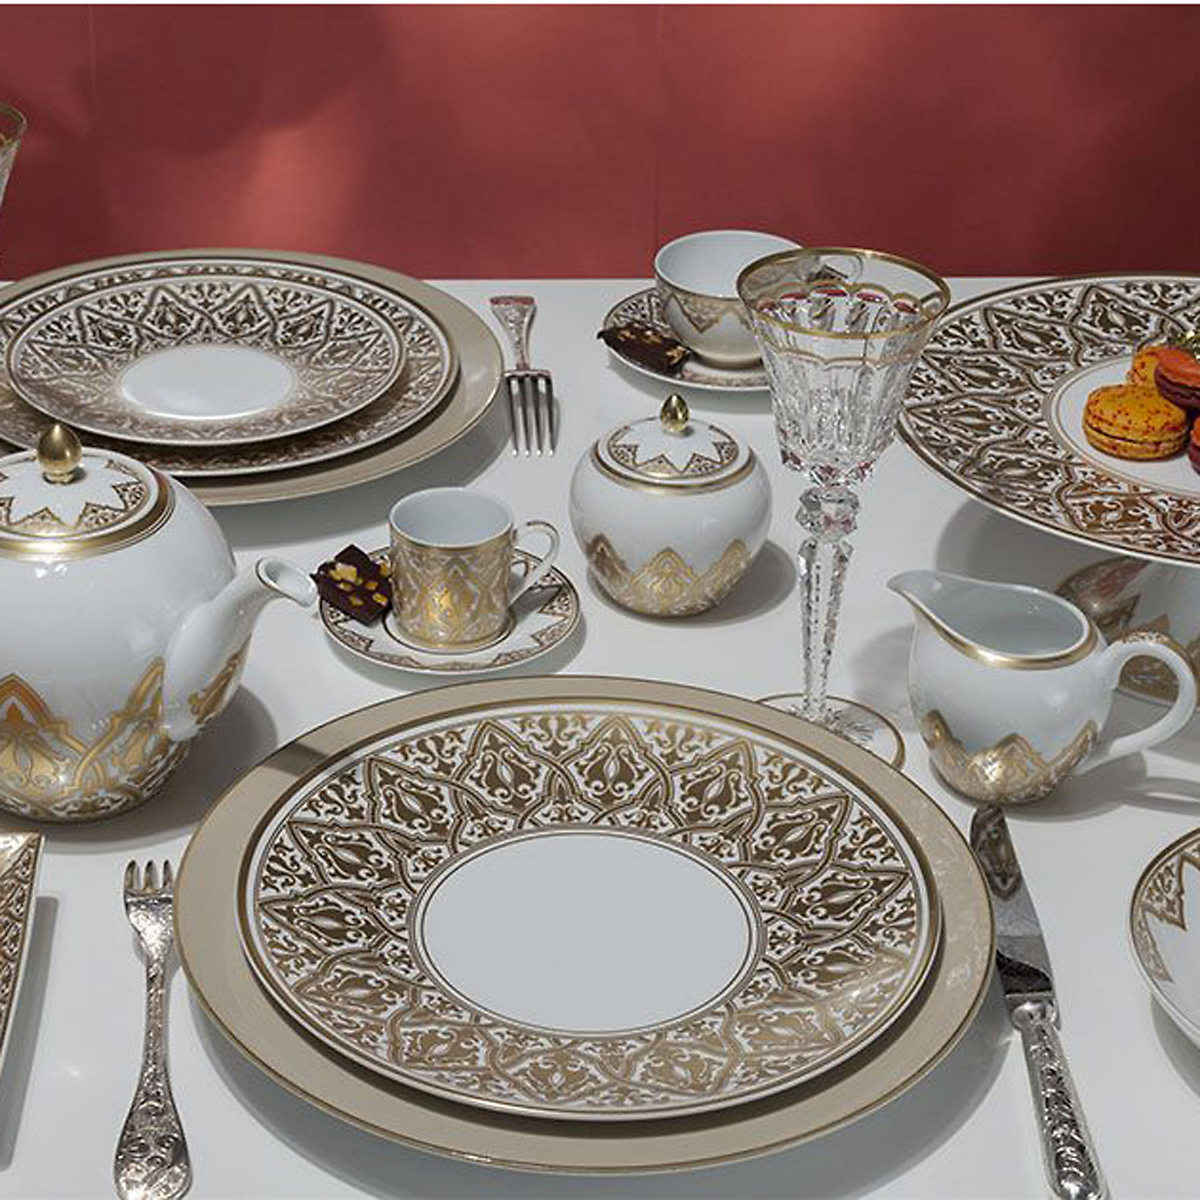 Bernardaud Venise Dinnerware Gold & Bernardaud Venise Dinnerware Gold   Gumpu0027s